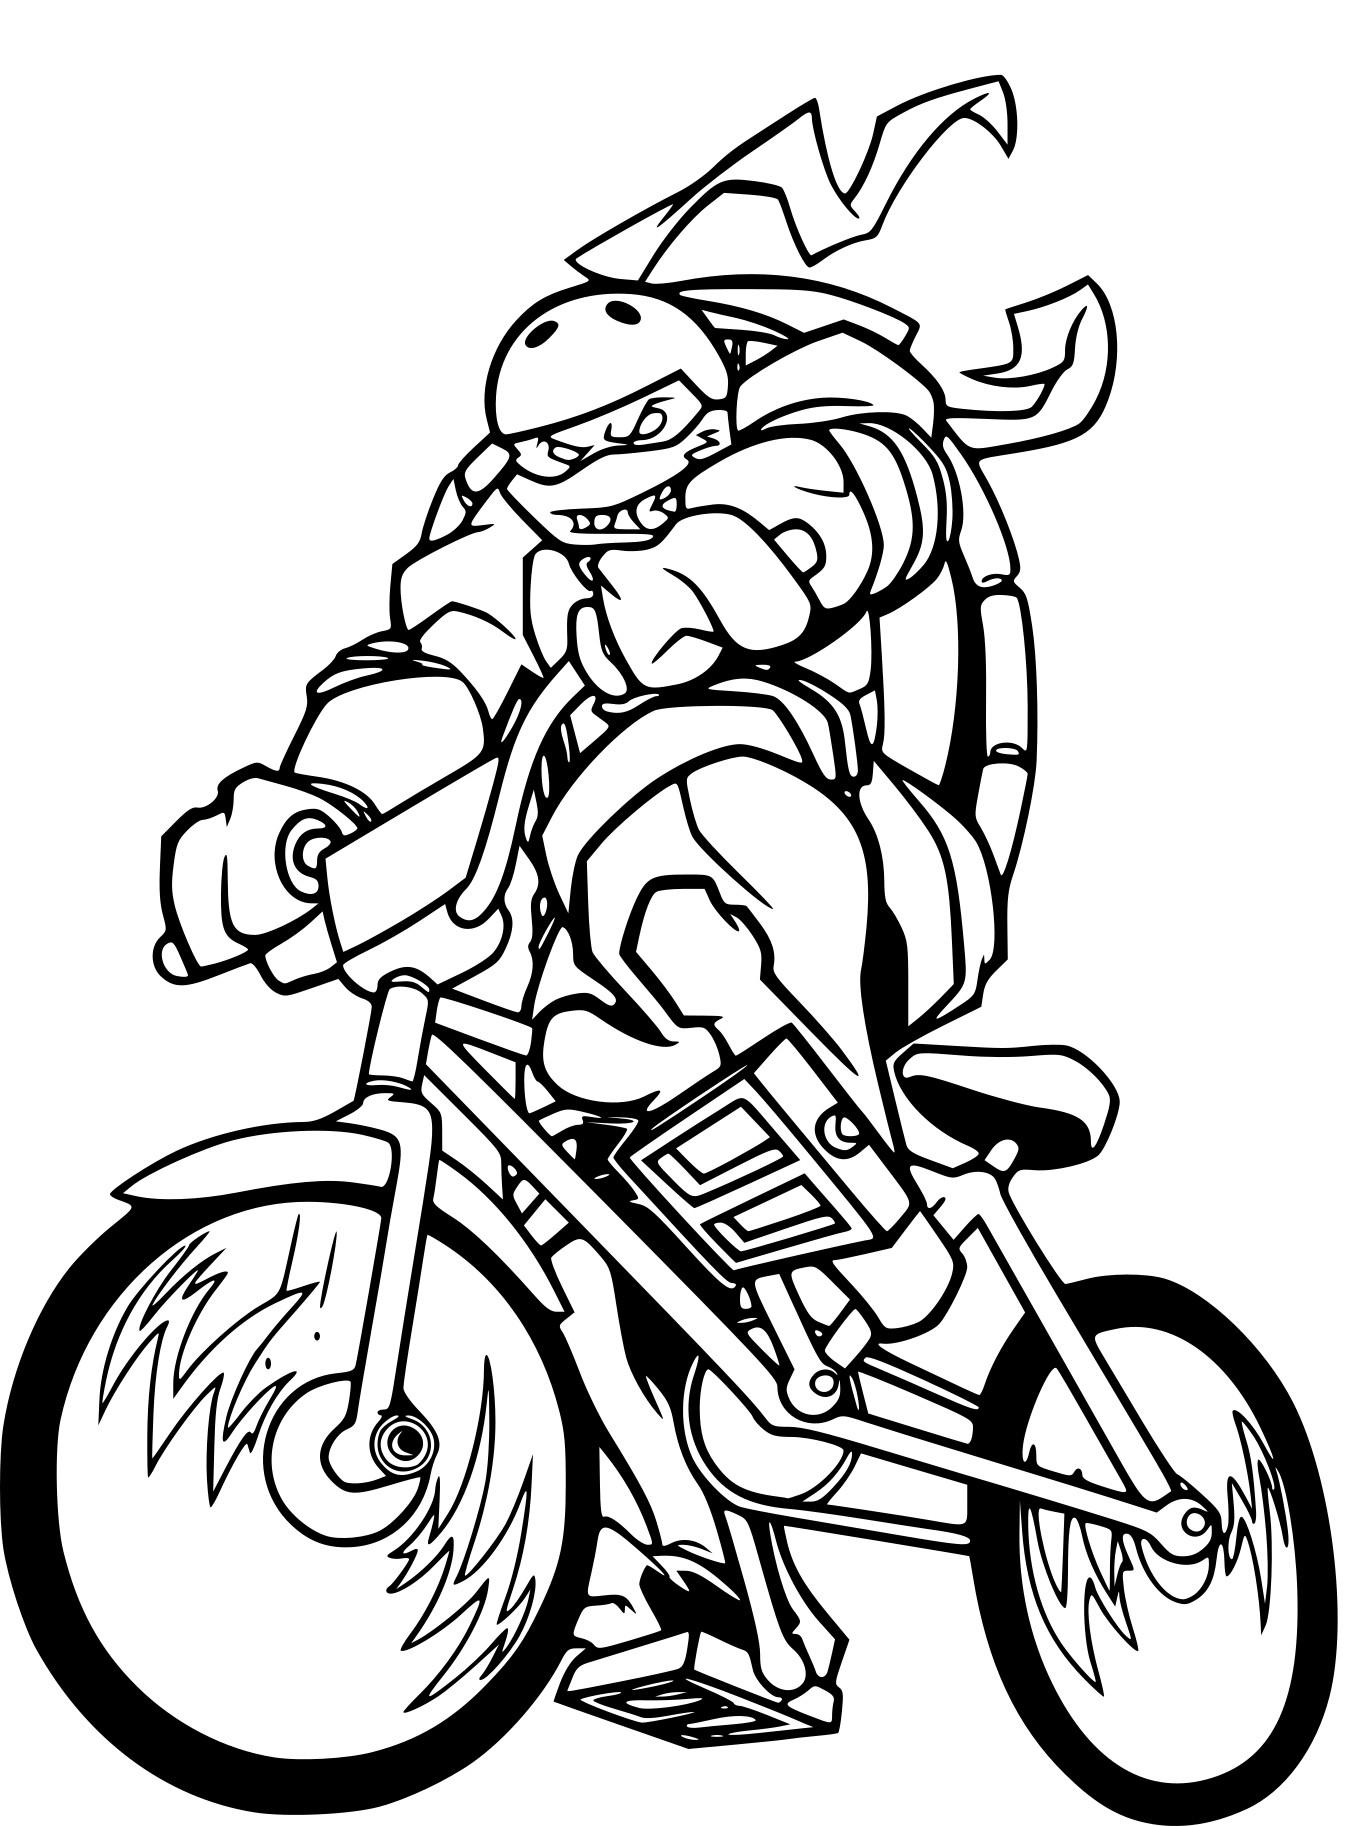 Coloriage Tortue Ninja En Moto À Imprimer Sur Coloriages à Dessin De Tortue Ninja